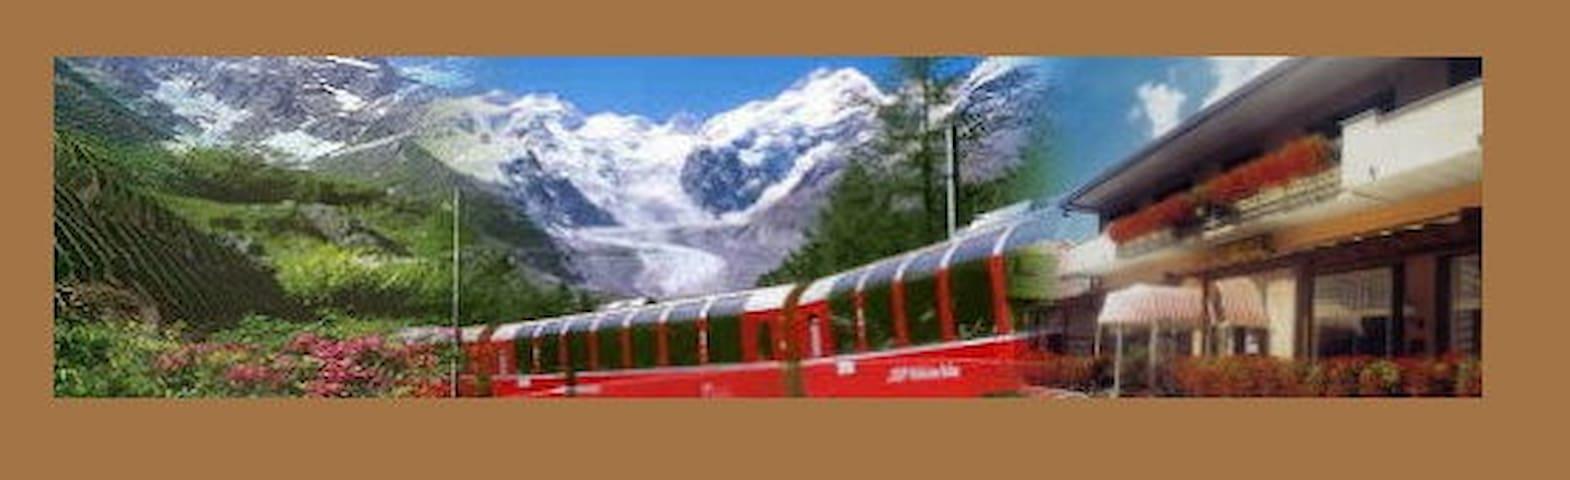 B&B La Sosta Gita col Trenino Rosso del Bernina - Villa di Tirano - Aamiaismajoitus